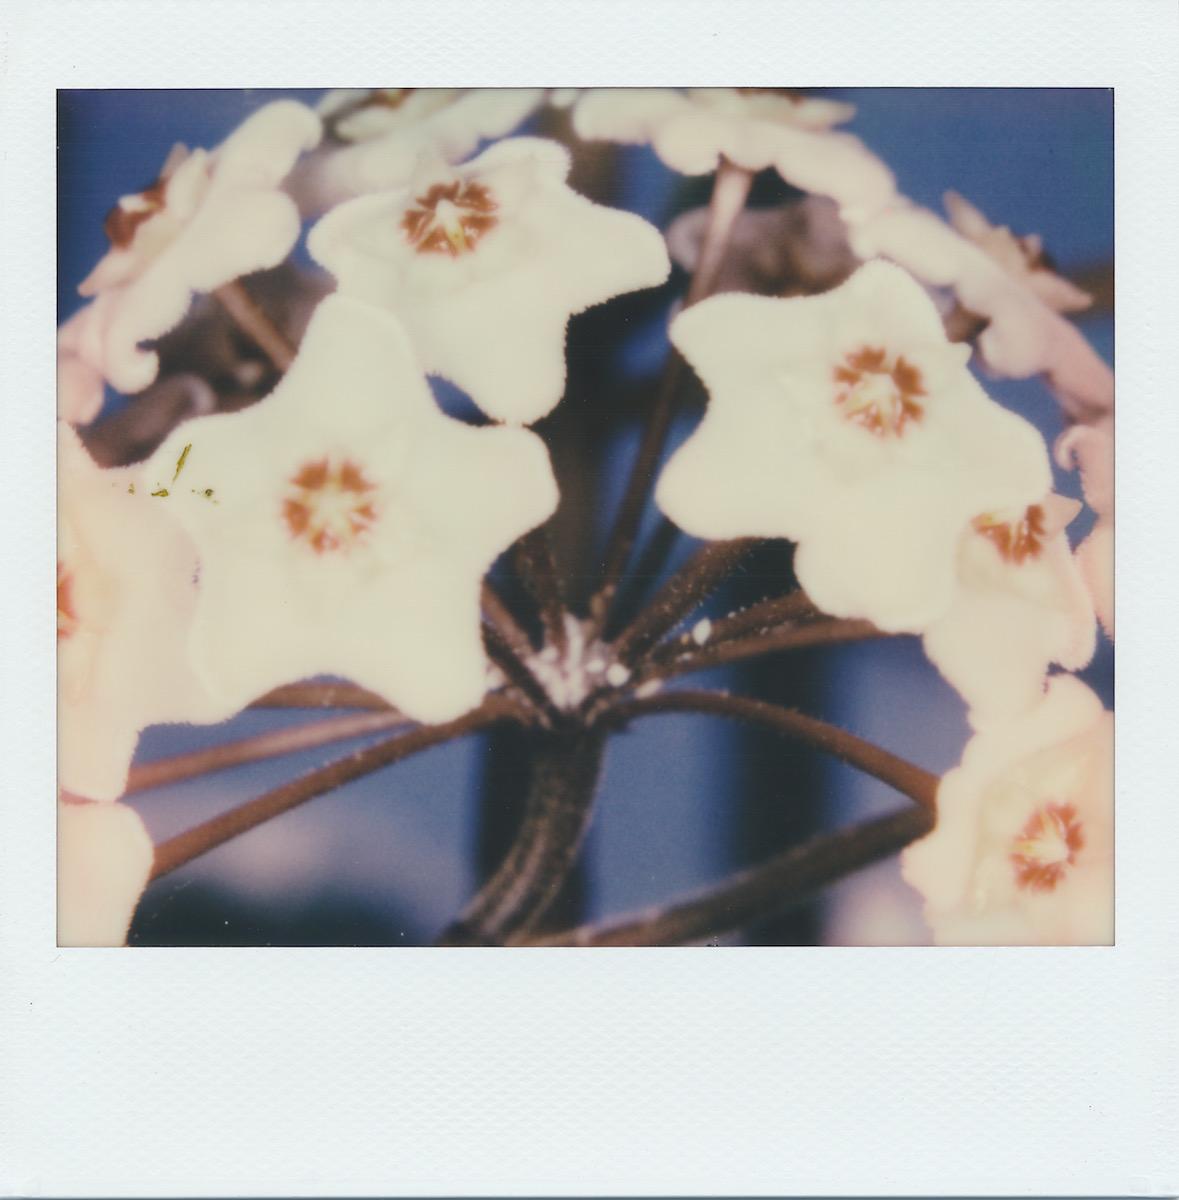 waxplantflower.jpg